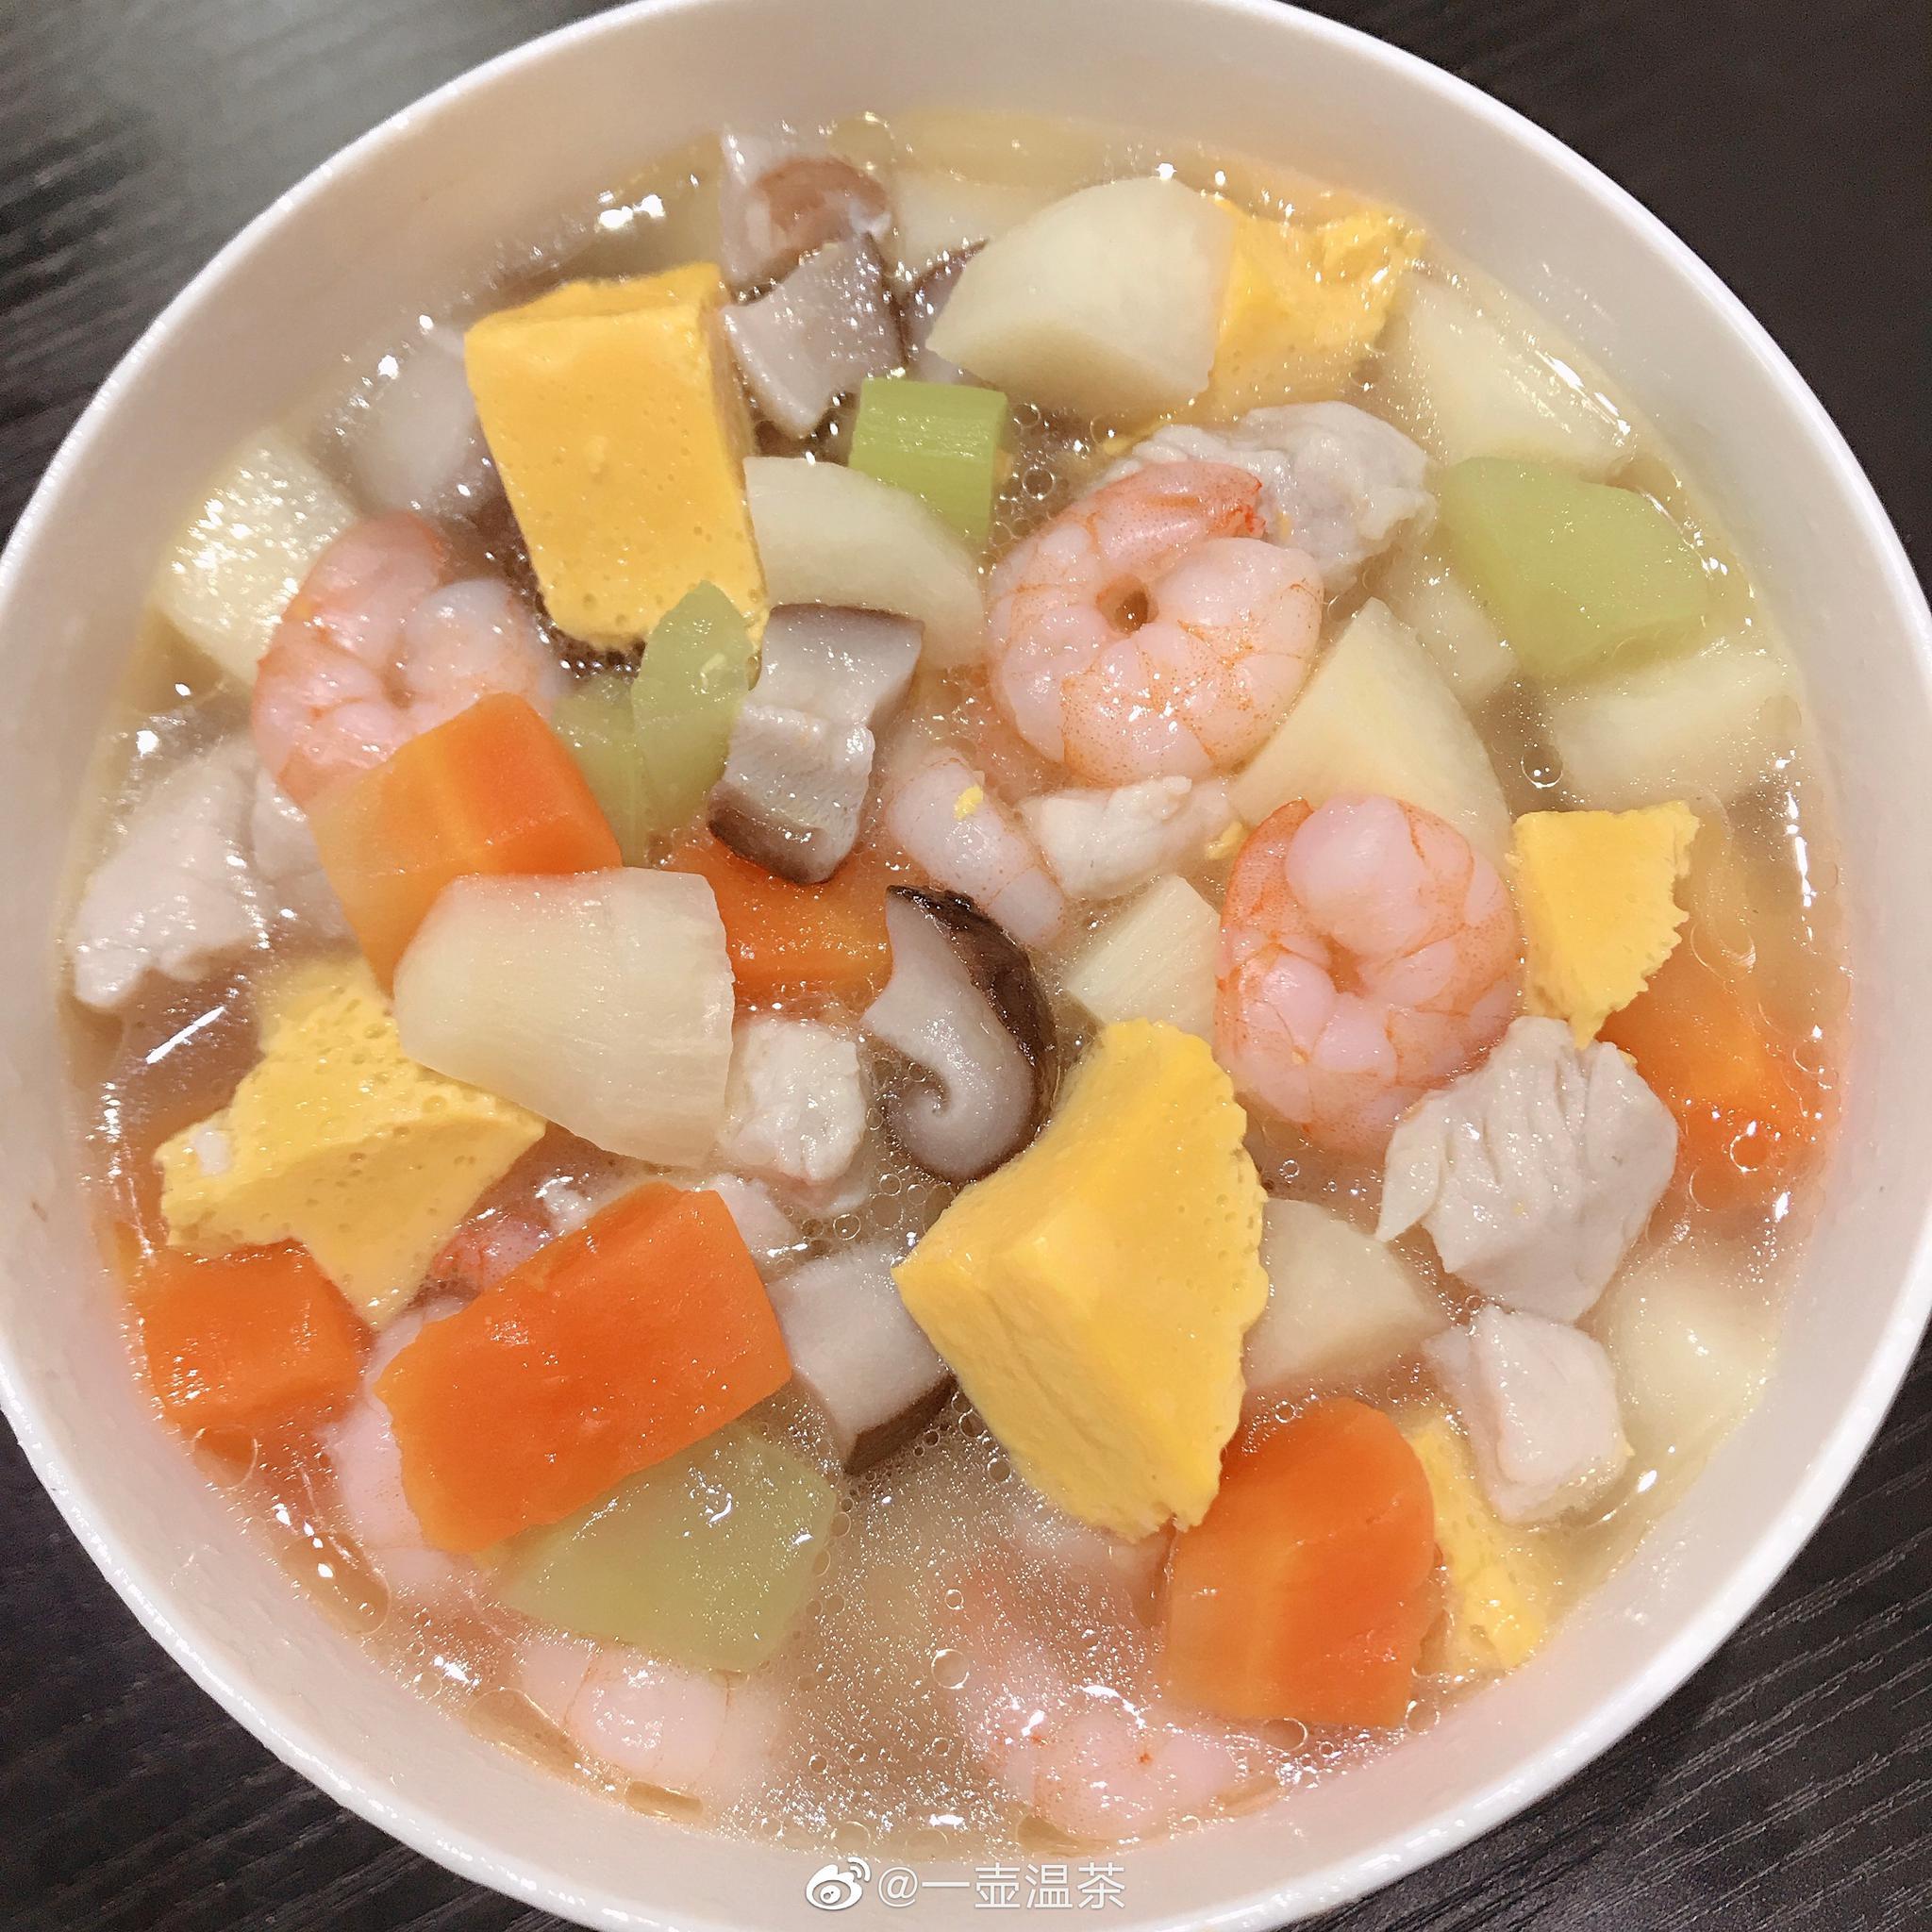 New Day 65包师傅六十大寿生日快乐🎂每天烧菜辛苦了!